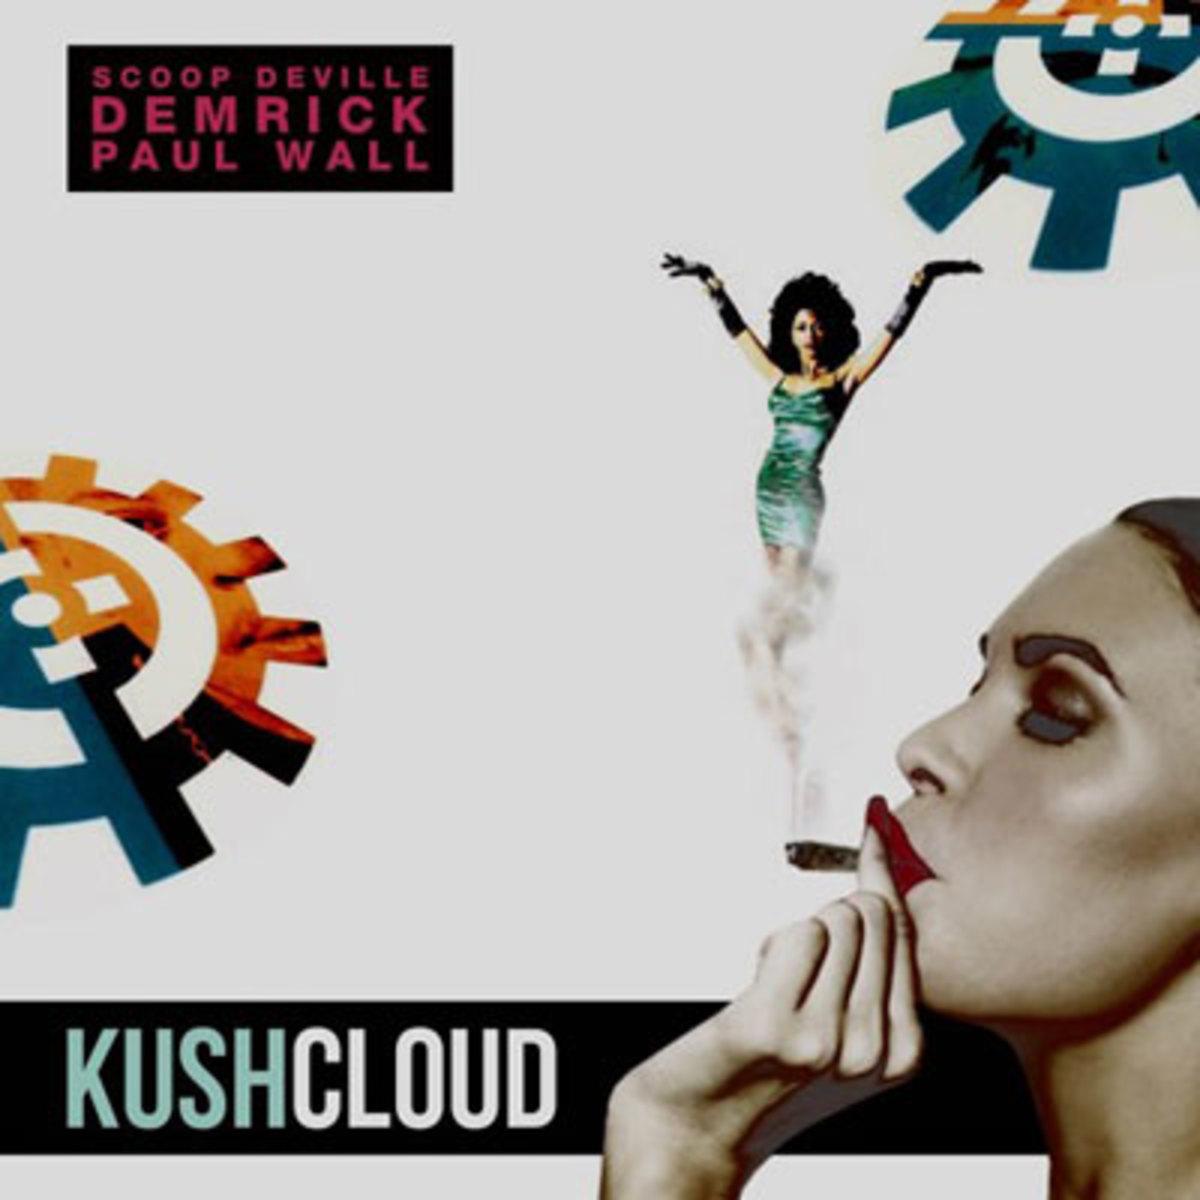 demrick-kush-cloud.jpg